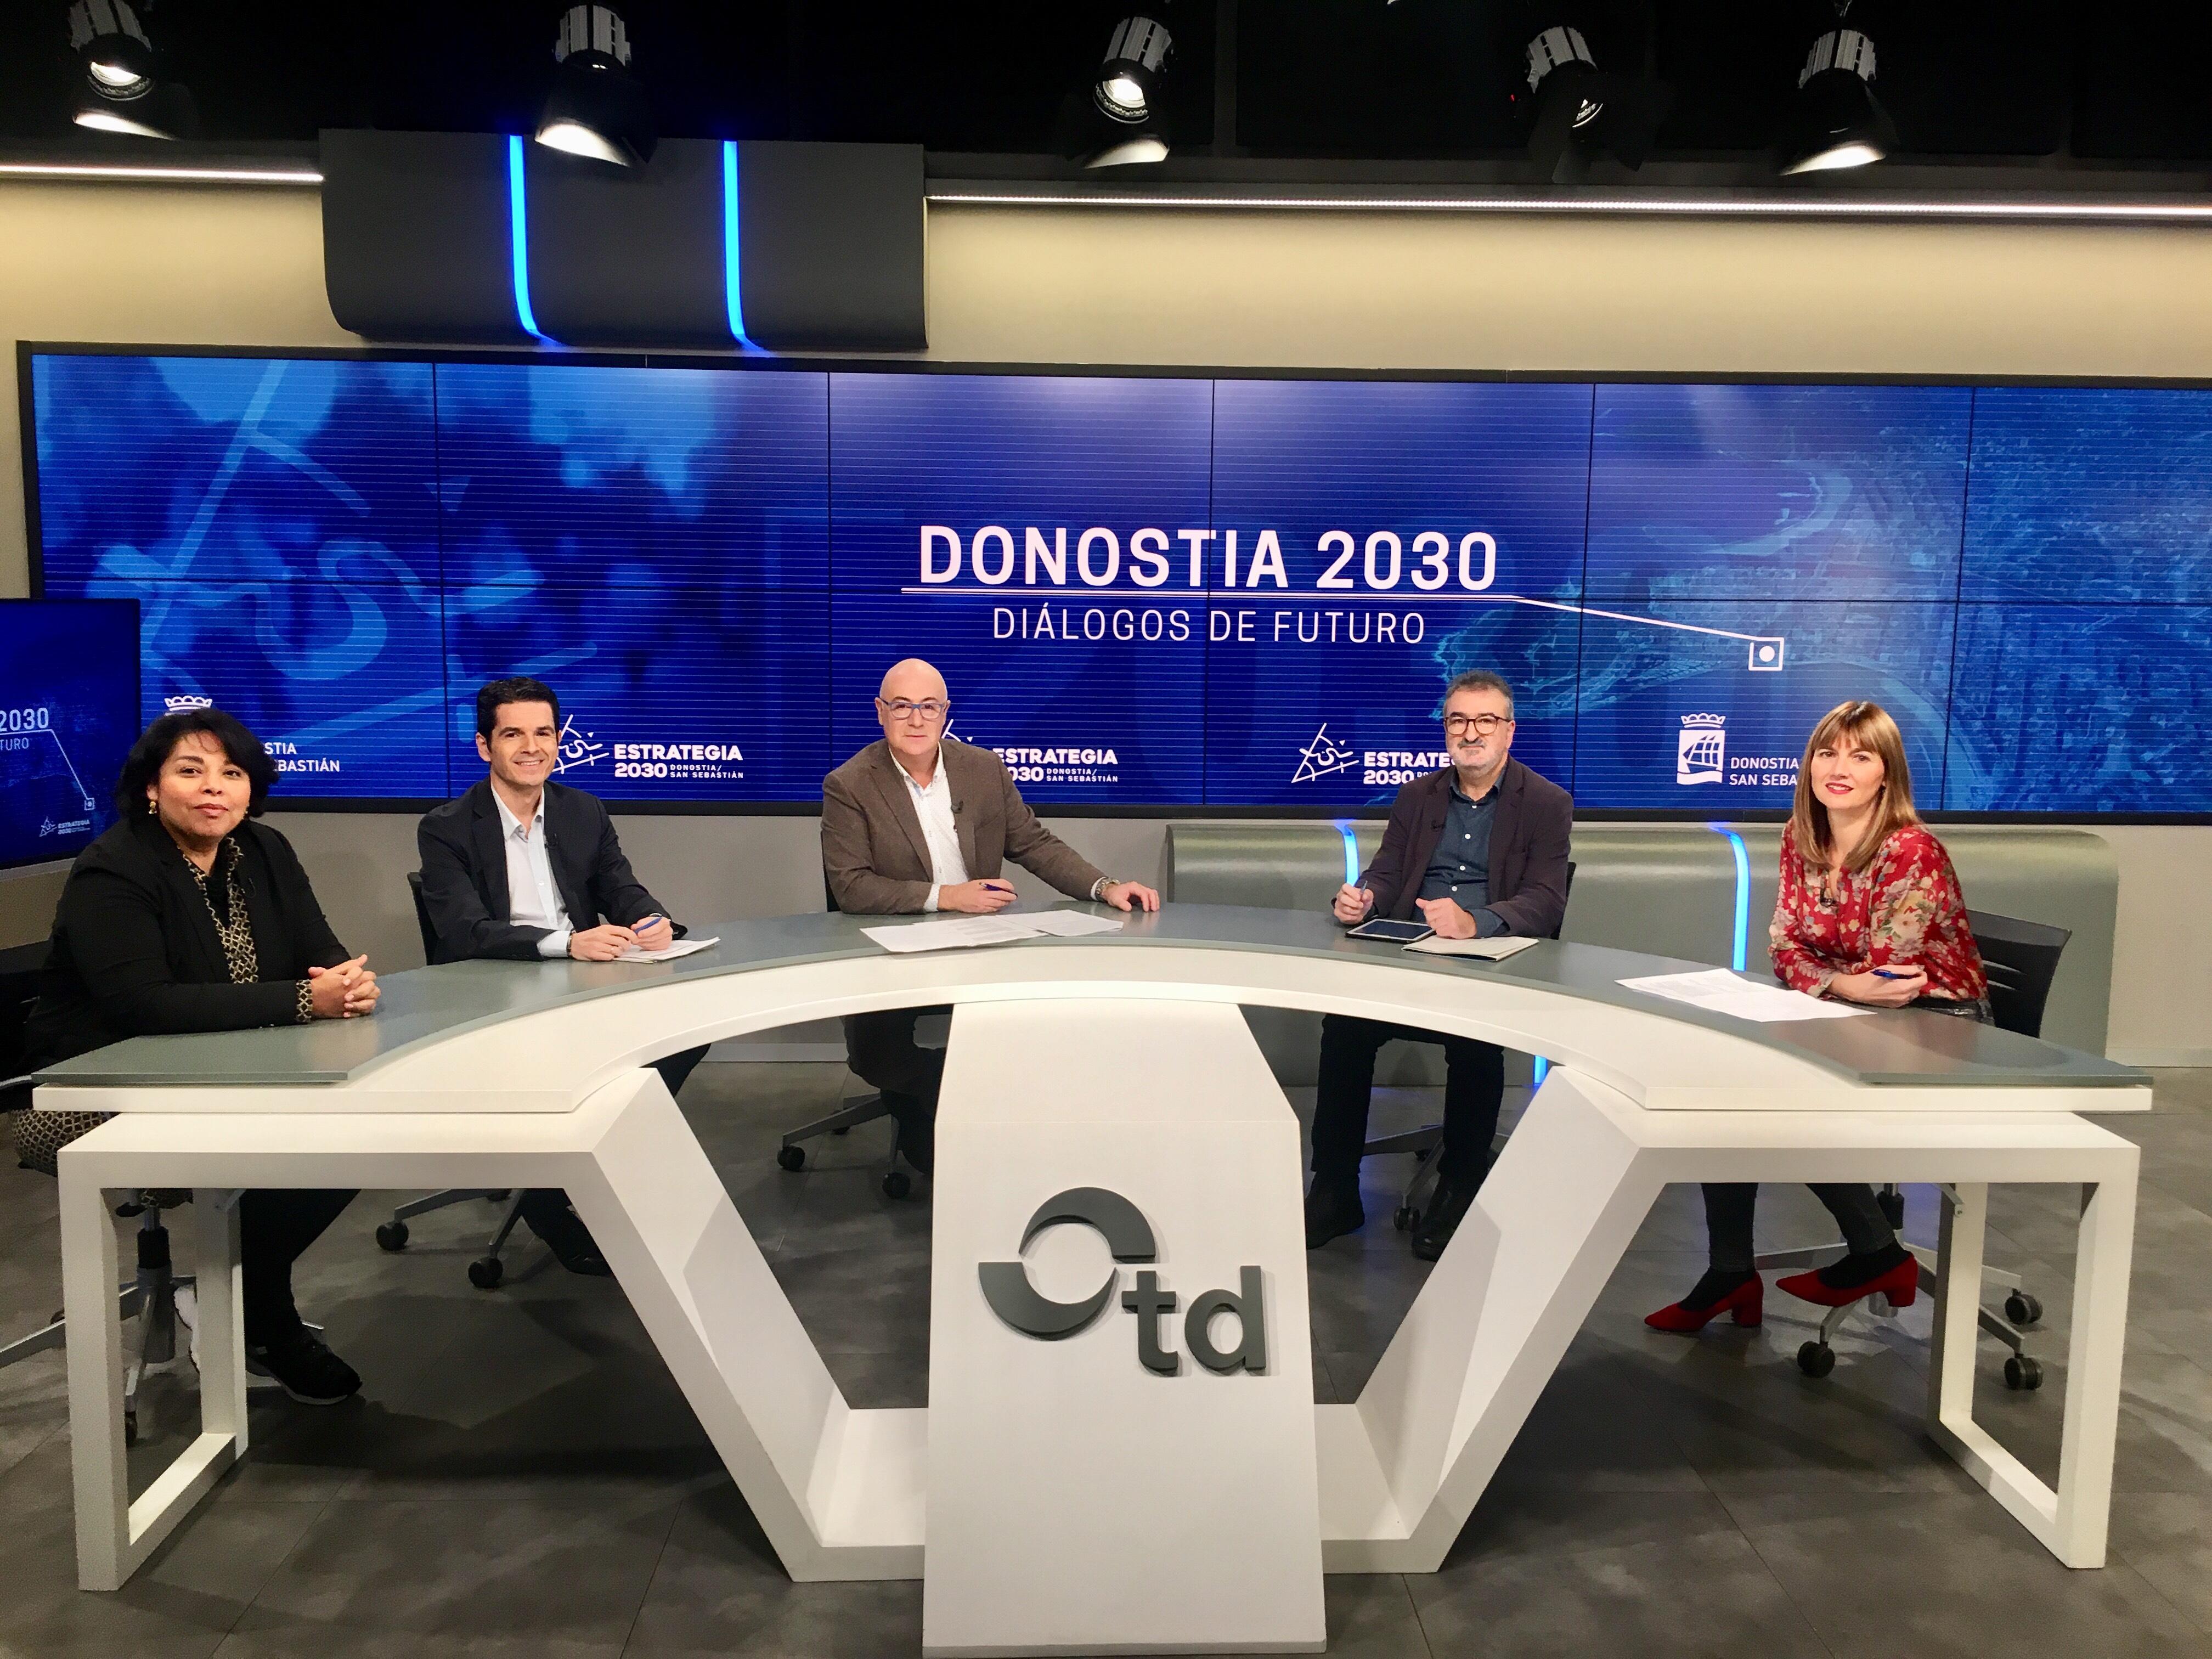 El impacto demográfico en los Diálogos de Futuro de 2030 de Teledonosti